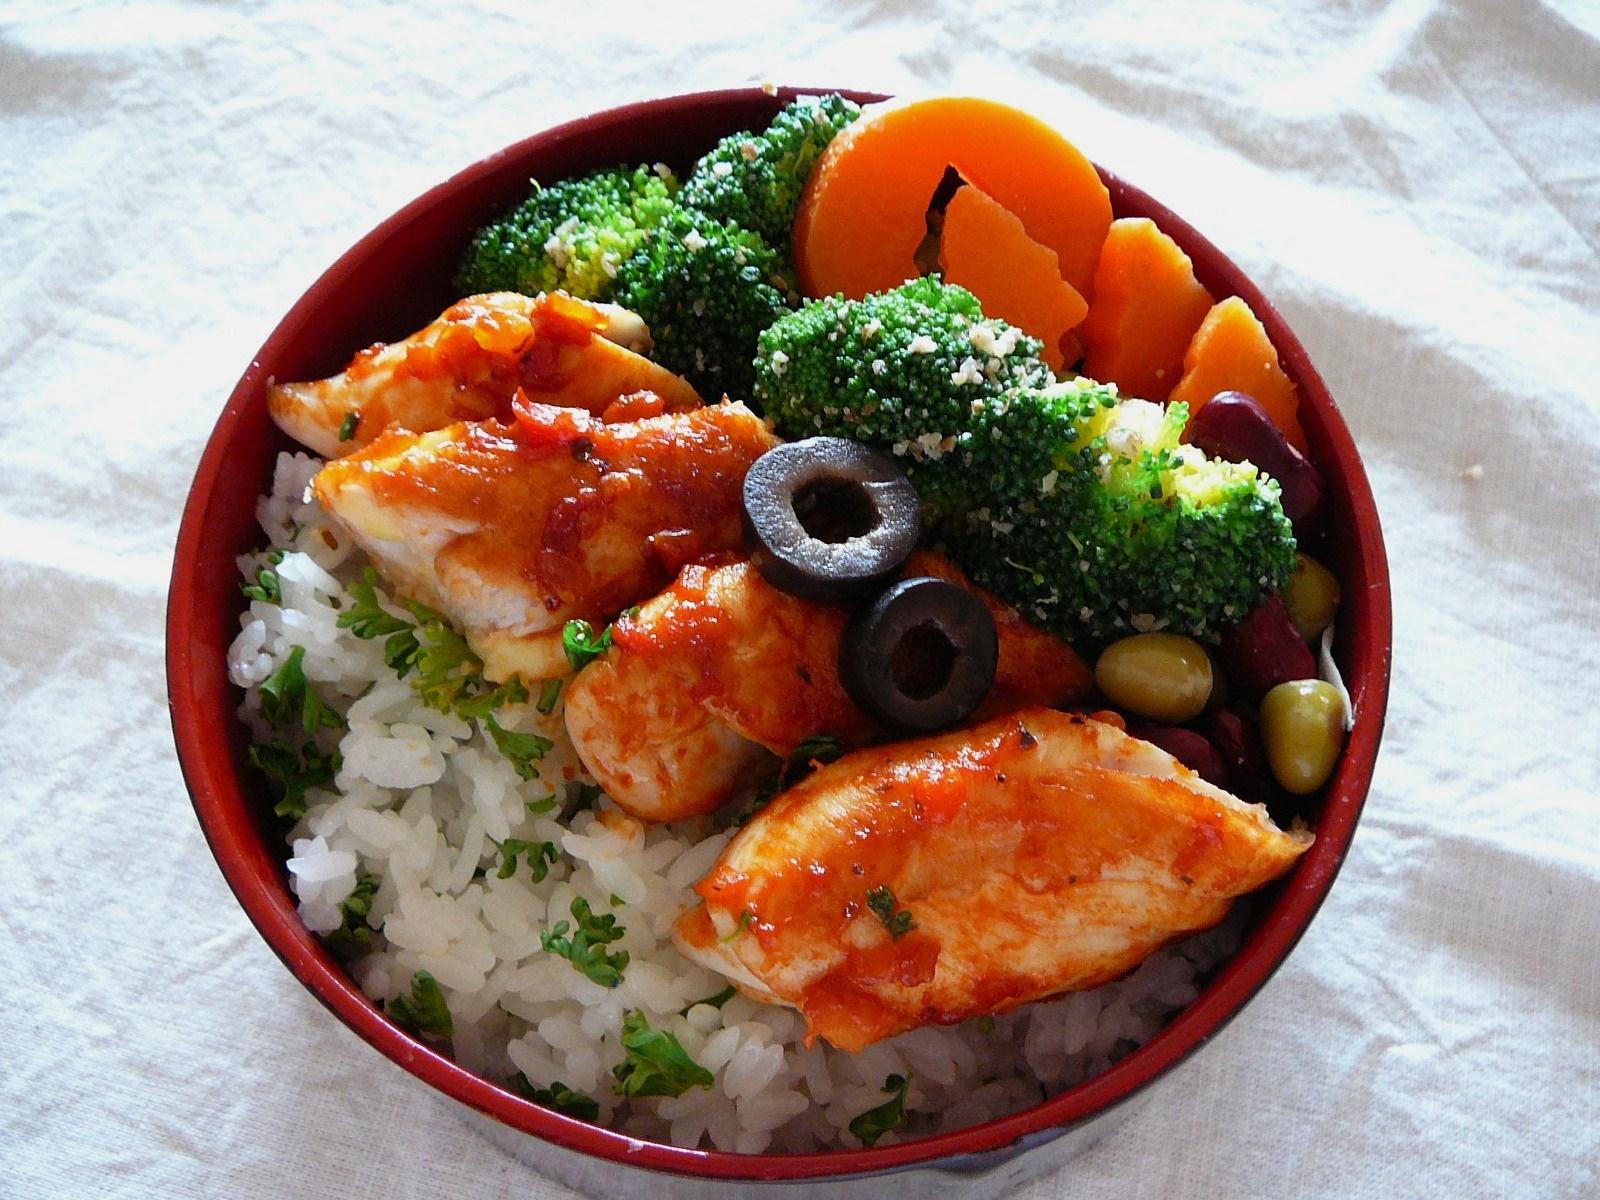 ダイエットしたければお弁当をつくるべし☆ダイエット弁当レシピも♪のサムネイル画像